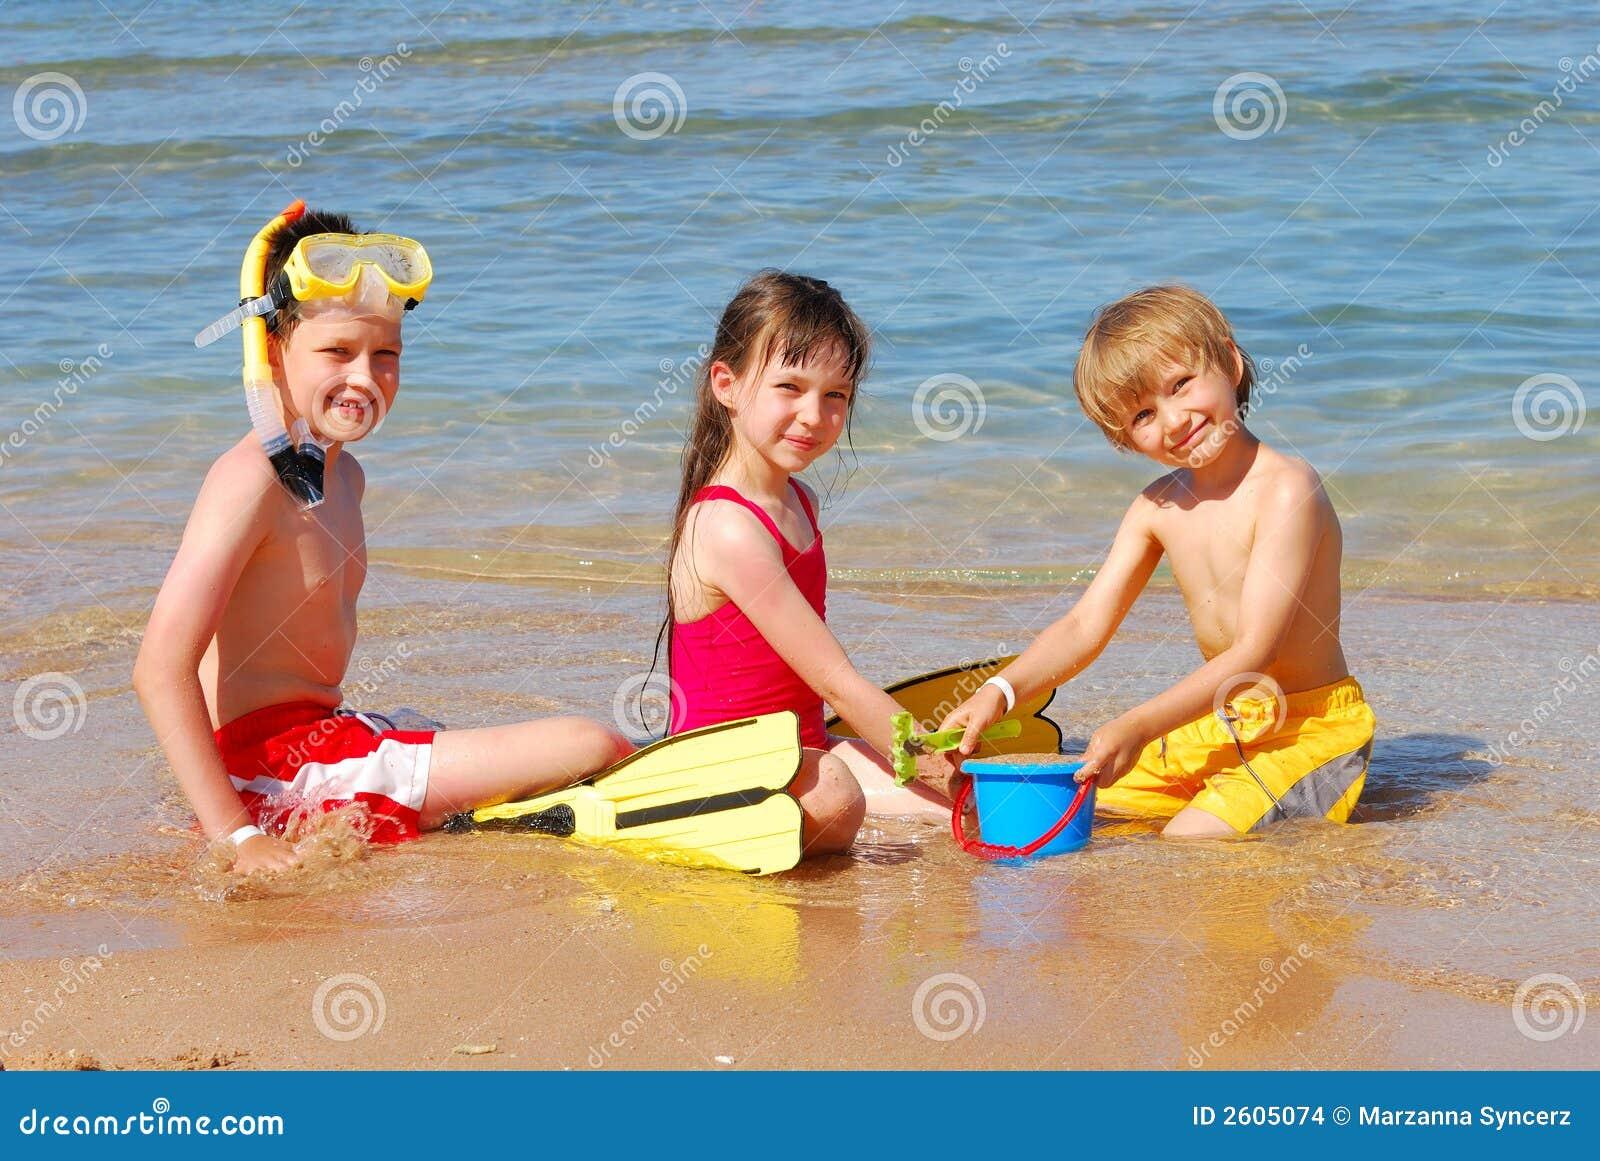 Nude alla spiaggia pics 744